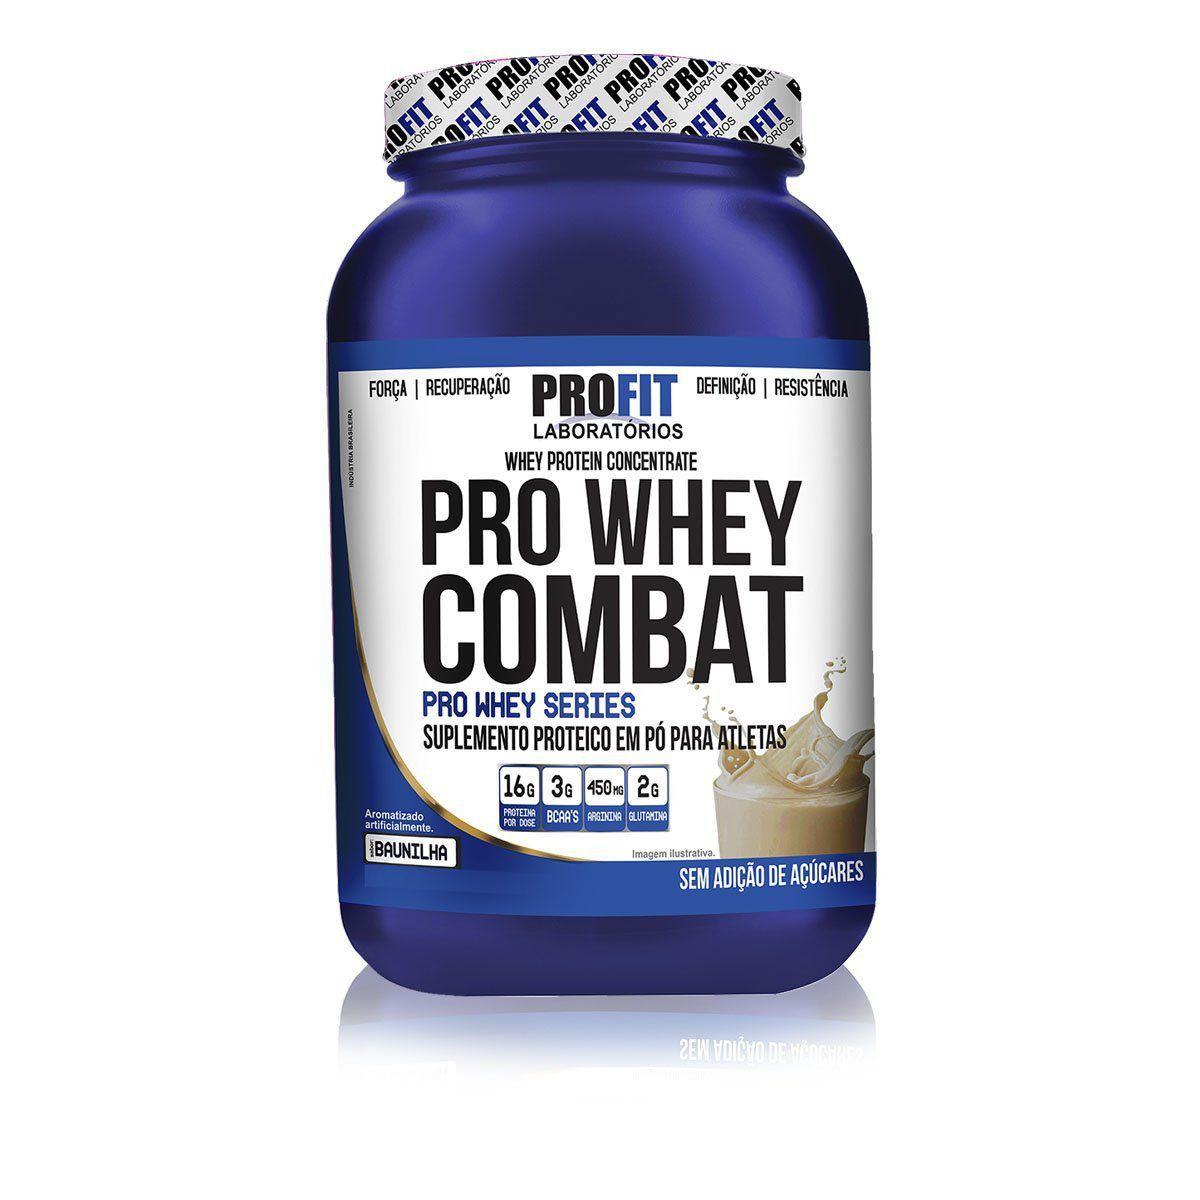 Pro Whey Combat 2kg - Profit